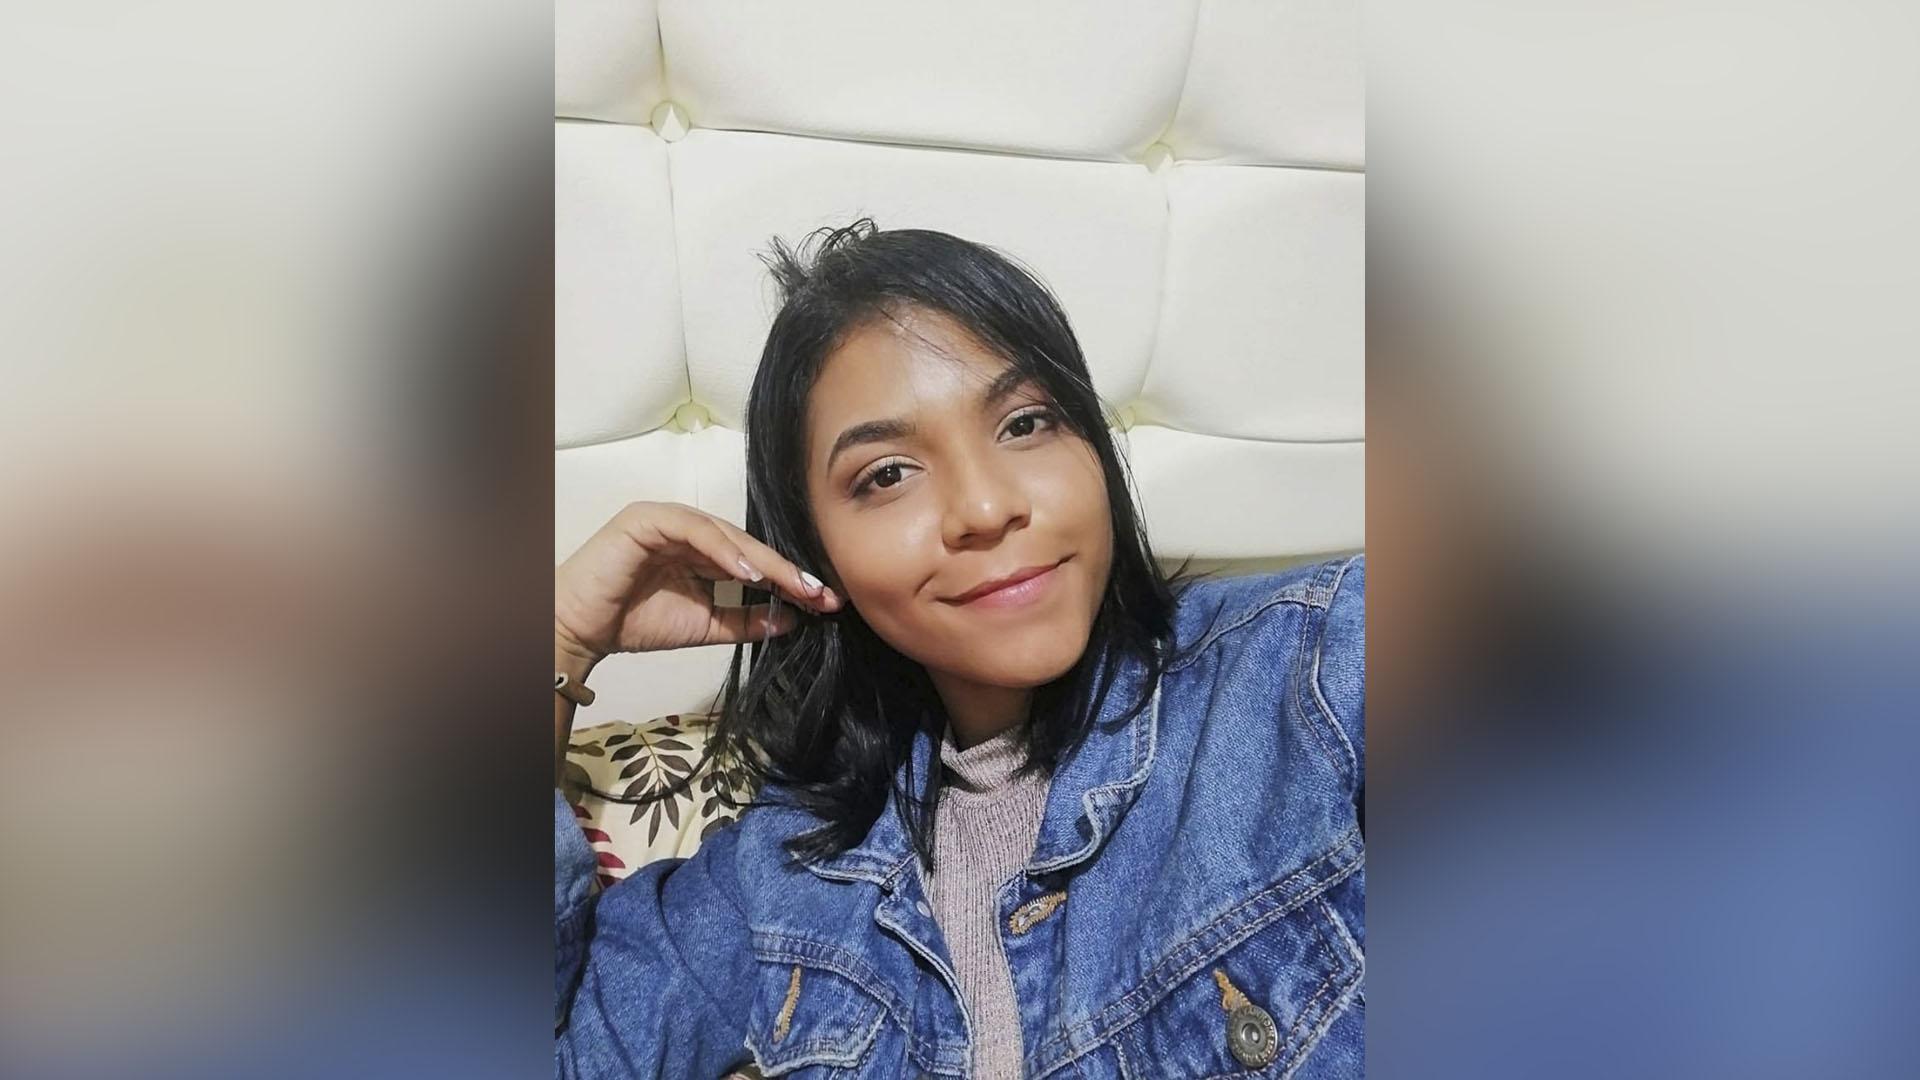 El cadáver de Madelayne Ortega fue hallado alrededor de las 5:00 a. m. en la Universidad del Atlántico.